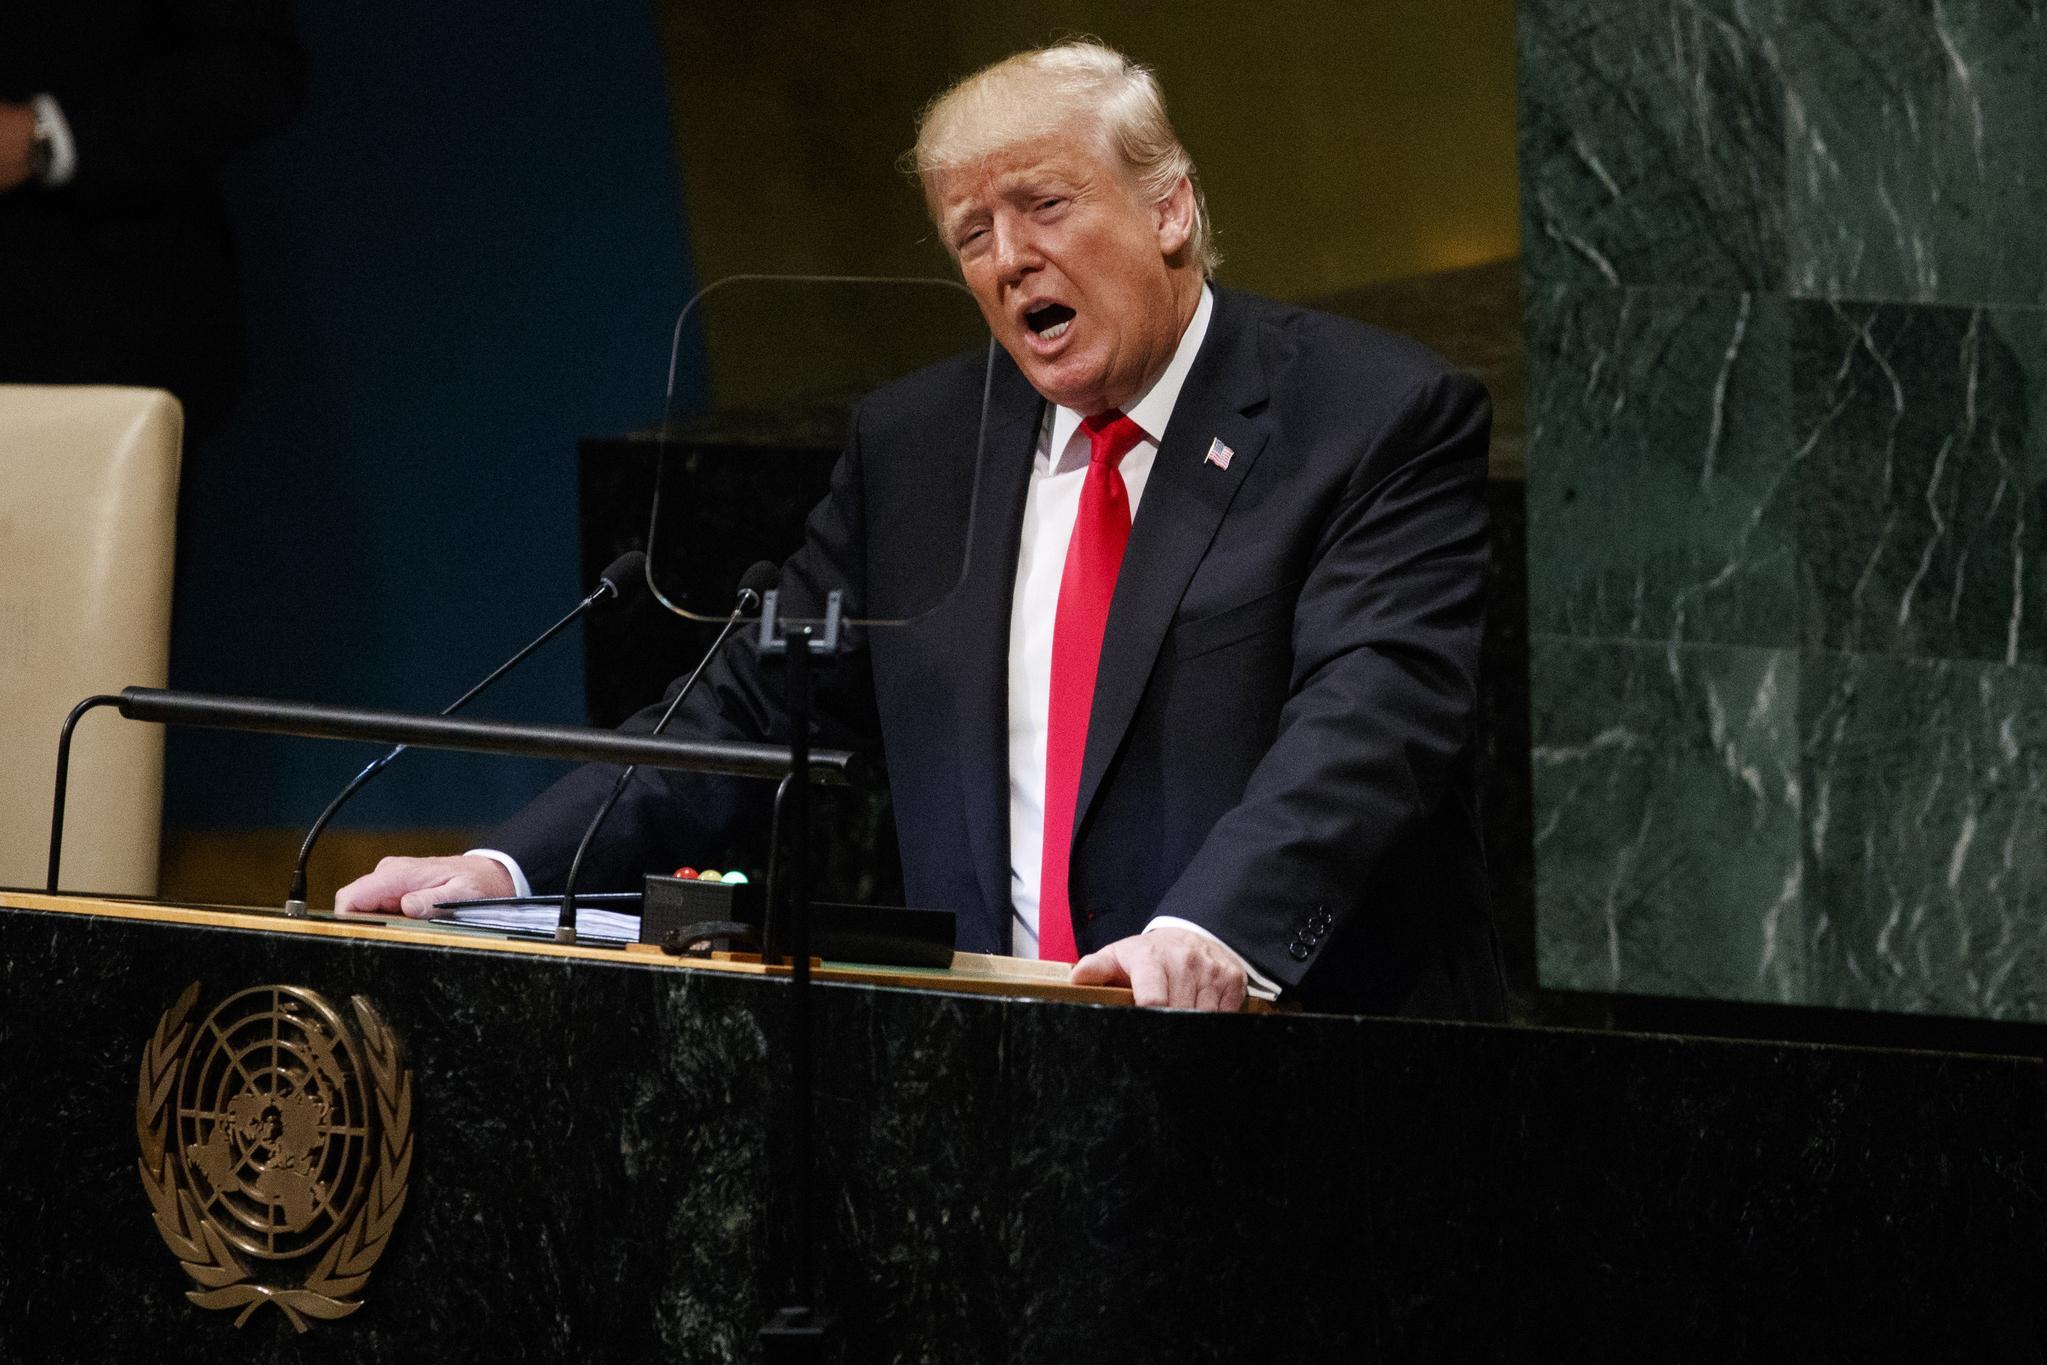 """도널드 트럼프 미국 대통령은 25일(현지시간) 뉴욕 유엔본부에서 열린 유엔총회 연설에서 '김정은 북한 국무위원장의 용기와 조치에 감사한다""""며 '대담하고 새로운 평화 추진 위해 북한과 대화하고 있다""""고 말했다. [AP=연합뉴스]"""